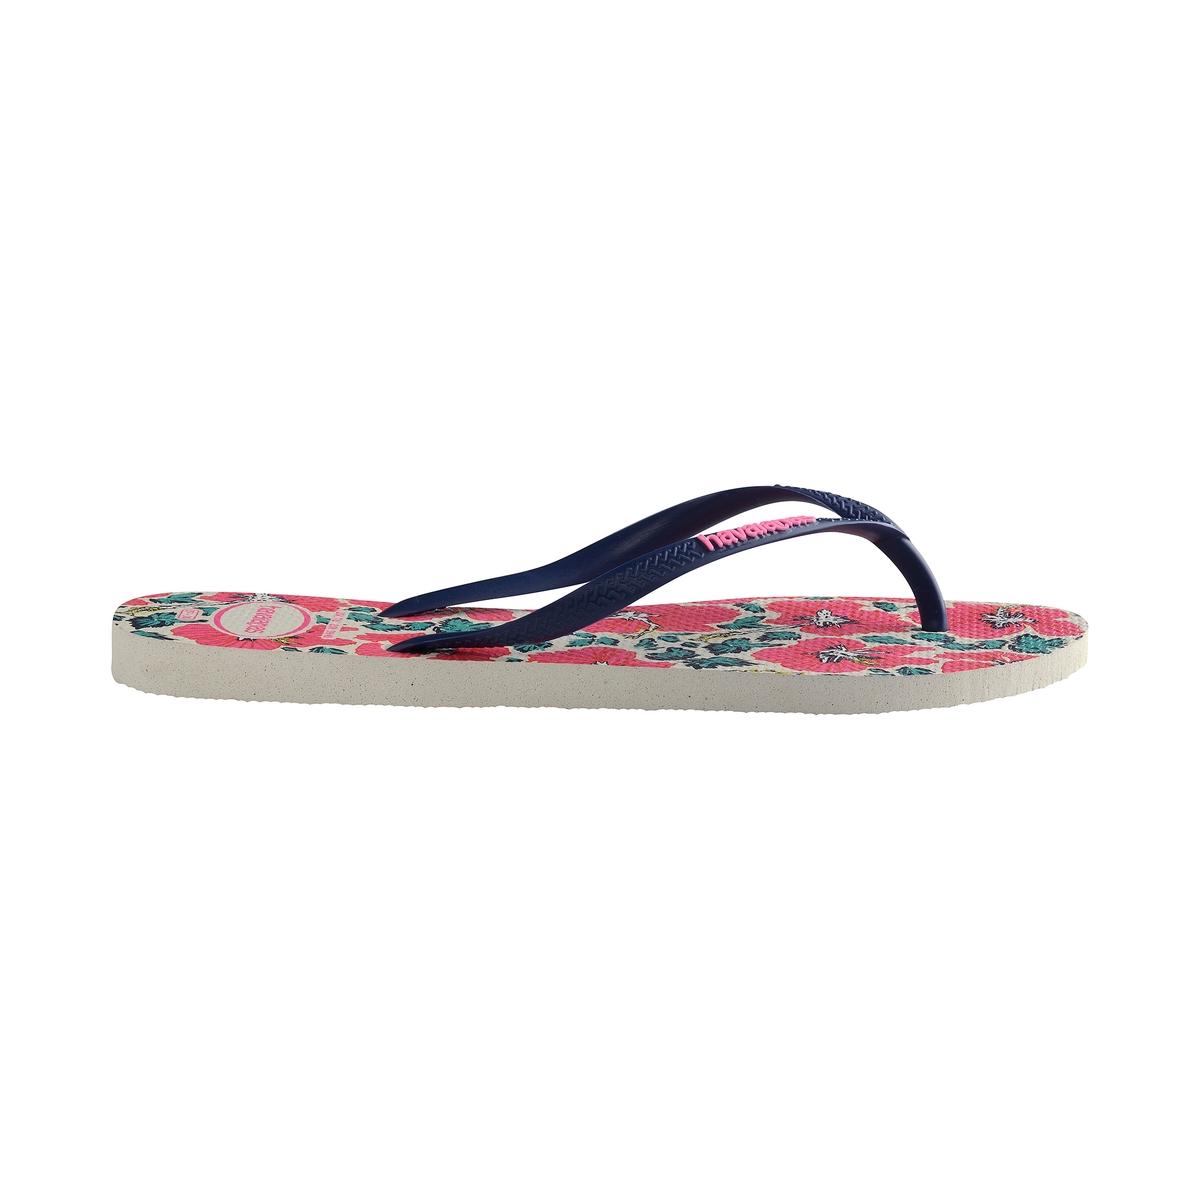 Вьетнамки Slim FloralВерх : каучук   Стелька : текстиль   Подошва : каучук   Форма каблука : плоский каблук   Мысок : открытый мысок   Застежка : без застежки<br><br>Цвет: цветочный рисунок